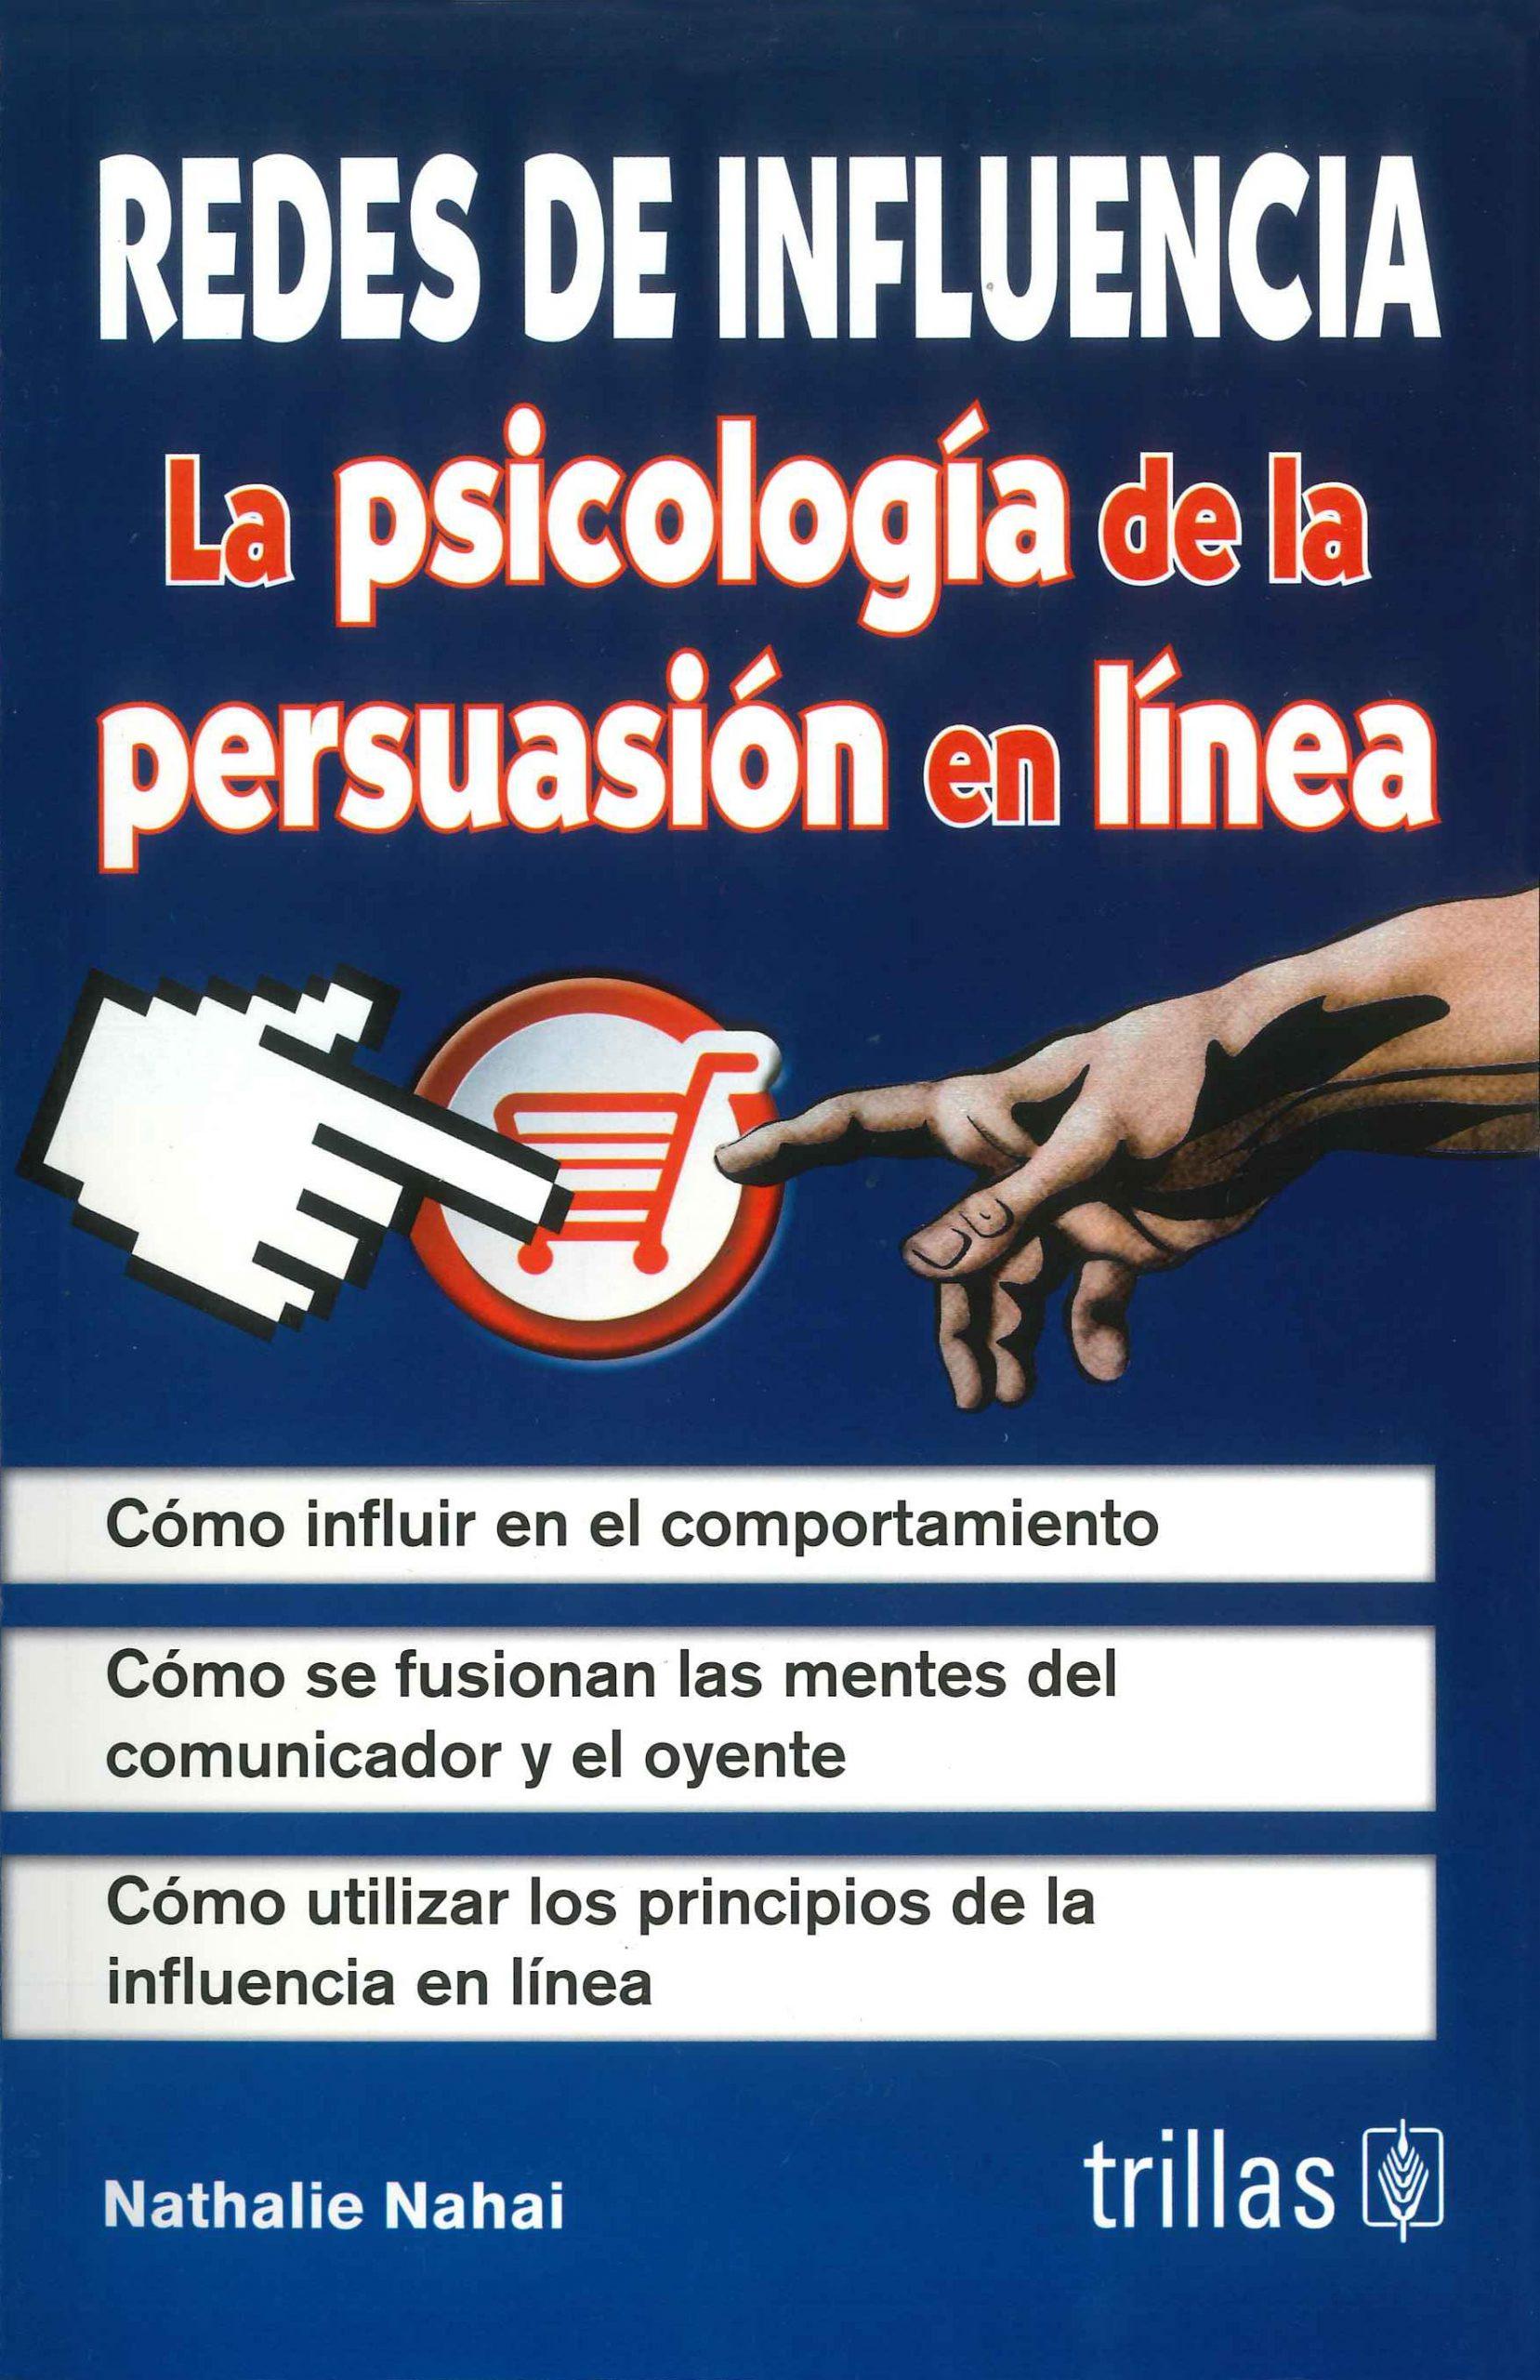 Redes de Influencia. La Psicología de la Persuasión en línea.